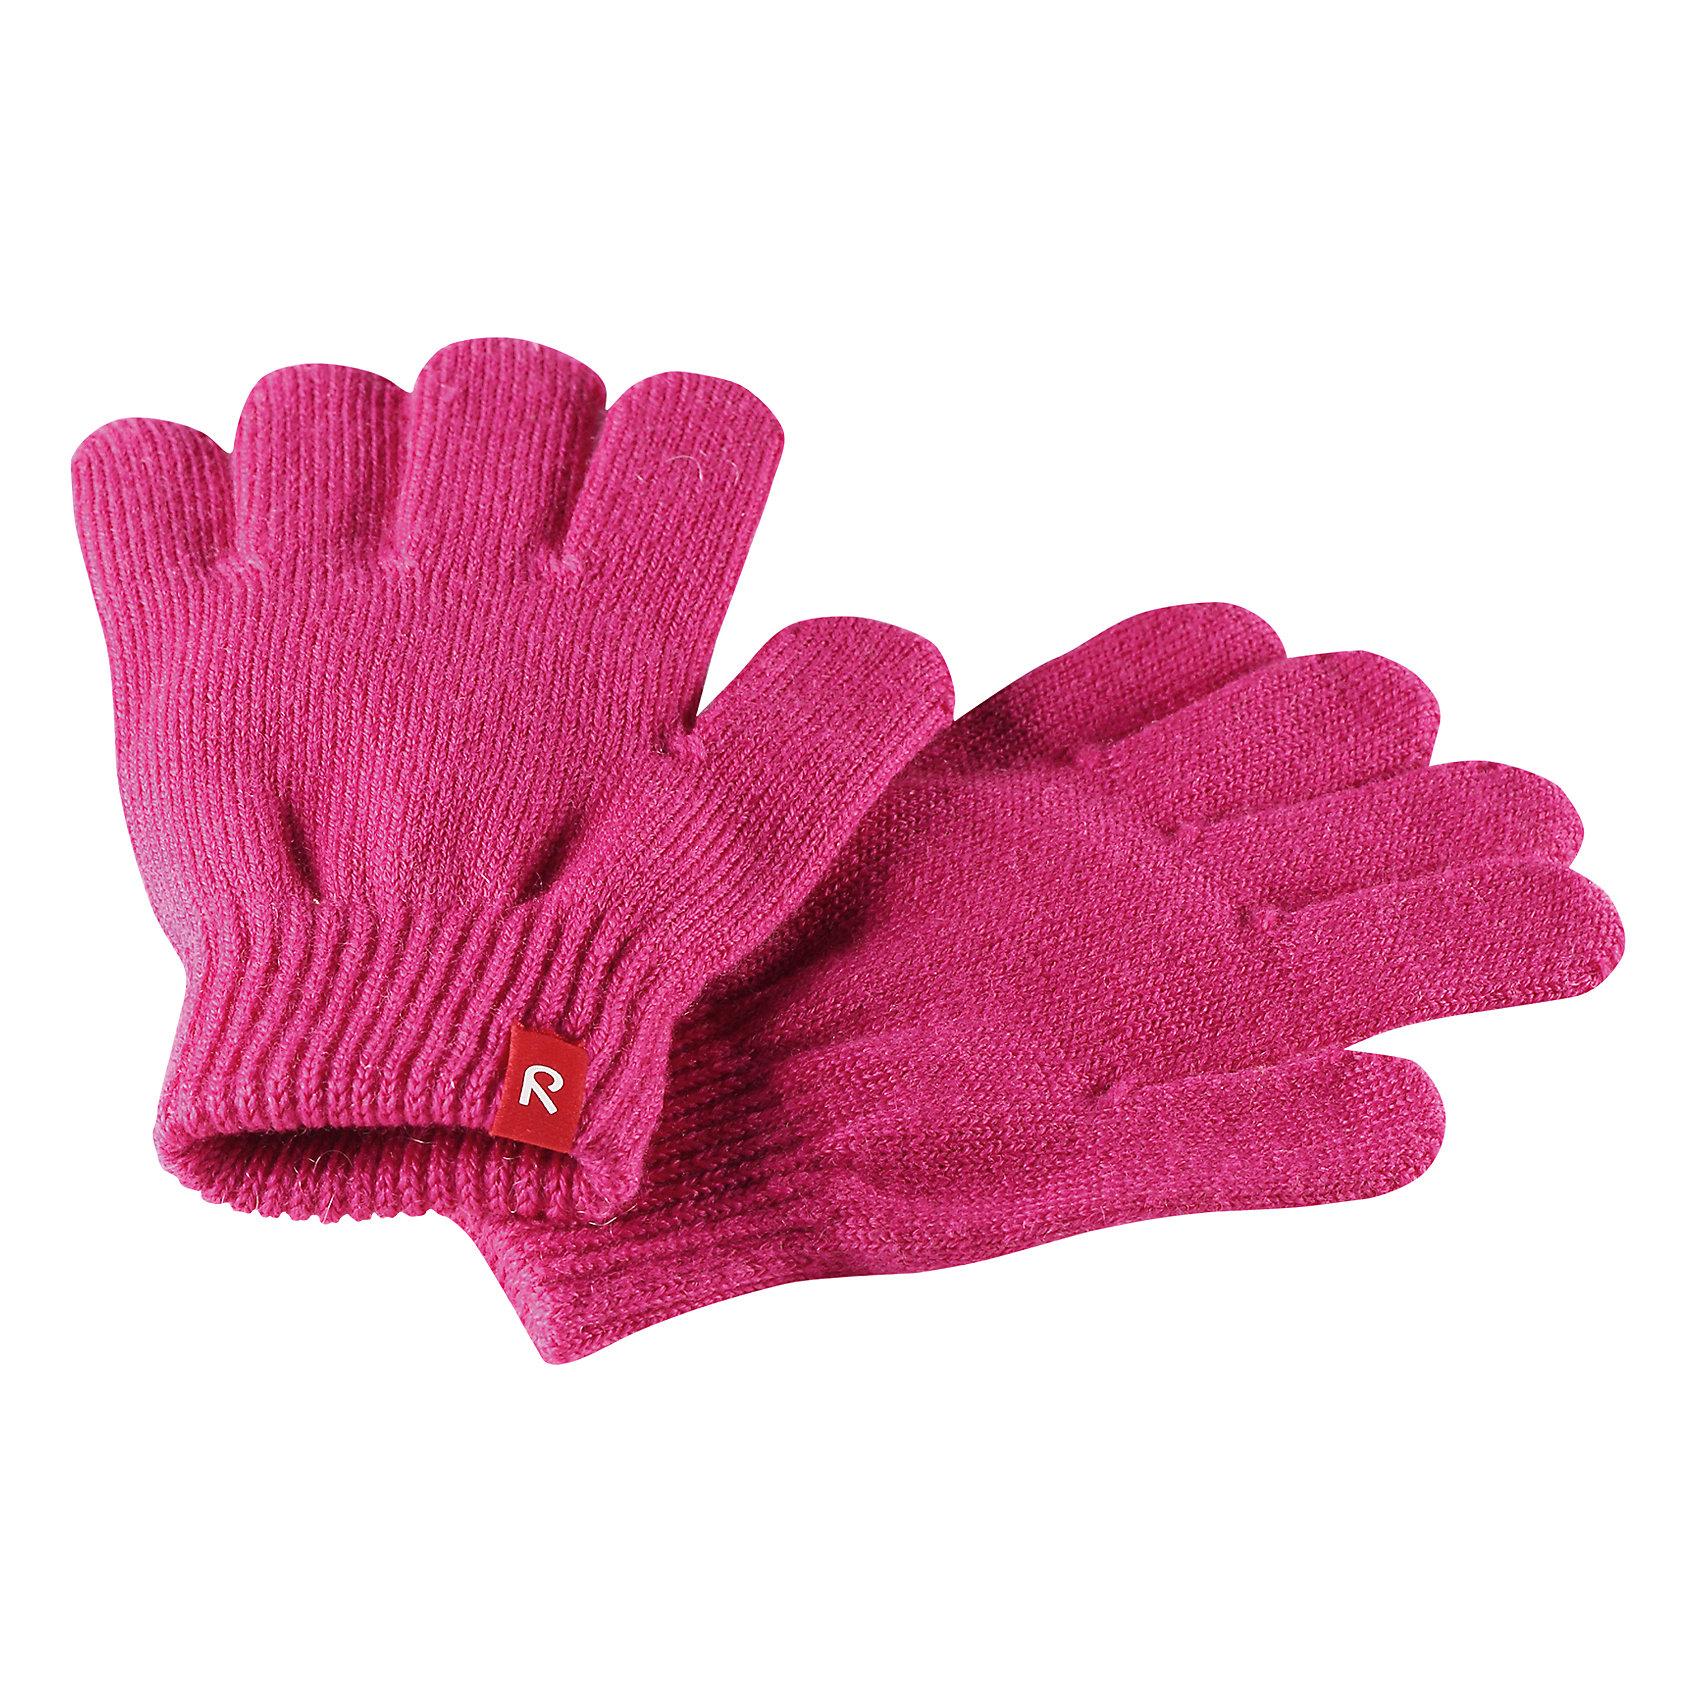 Перчатки Reima TwigПерчатки, варежки<br>Характеристики товара:<br><br>• цвет: розовый;<br>• состав: 75% шерсть, 22% полиакрил, 2% полиамид, 1% эластан;<br>• сезон: демисезон, зима;<br>• шерсть идеально поддерживает температуру;<br>• мягкая и теплая ткань из смеси шерсти;<br>• легкий стиль, без подкладки;<br>• страна бренда: Финляндия;<br>• страна изготовитель: Китай.<br><br>Перчатки выполнены из эластичной полушерсти, дарящей комфорт в прохладные дни ранней осенью. Они идеально подойдут для поддевания под водонепроницаемые варежки и перчатки. Изготовлены из трикотажа высокого качества и легко стираются в стиральной машине. <br><br>Перчатки Twig Reima от финского бренда Reima (Рейма) можно купить в нашем интернет-магазине.<br><br>Ширина мм: 162<br>Глубина мм: 171<br>Высота мм: 55<br>Вес г: 119<br>Цвет: розовый<br>Возраст от месяцев: 120<br>Возраст до месяцев: 144<br>Пол: Унисекс<br>Возраст: Детский<br>Размер: 7/8,3/4,5/6<br>SKU: 6902103